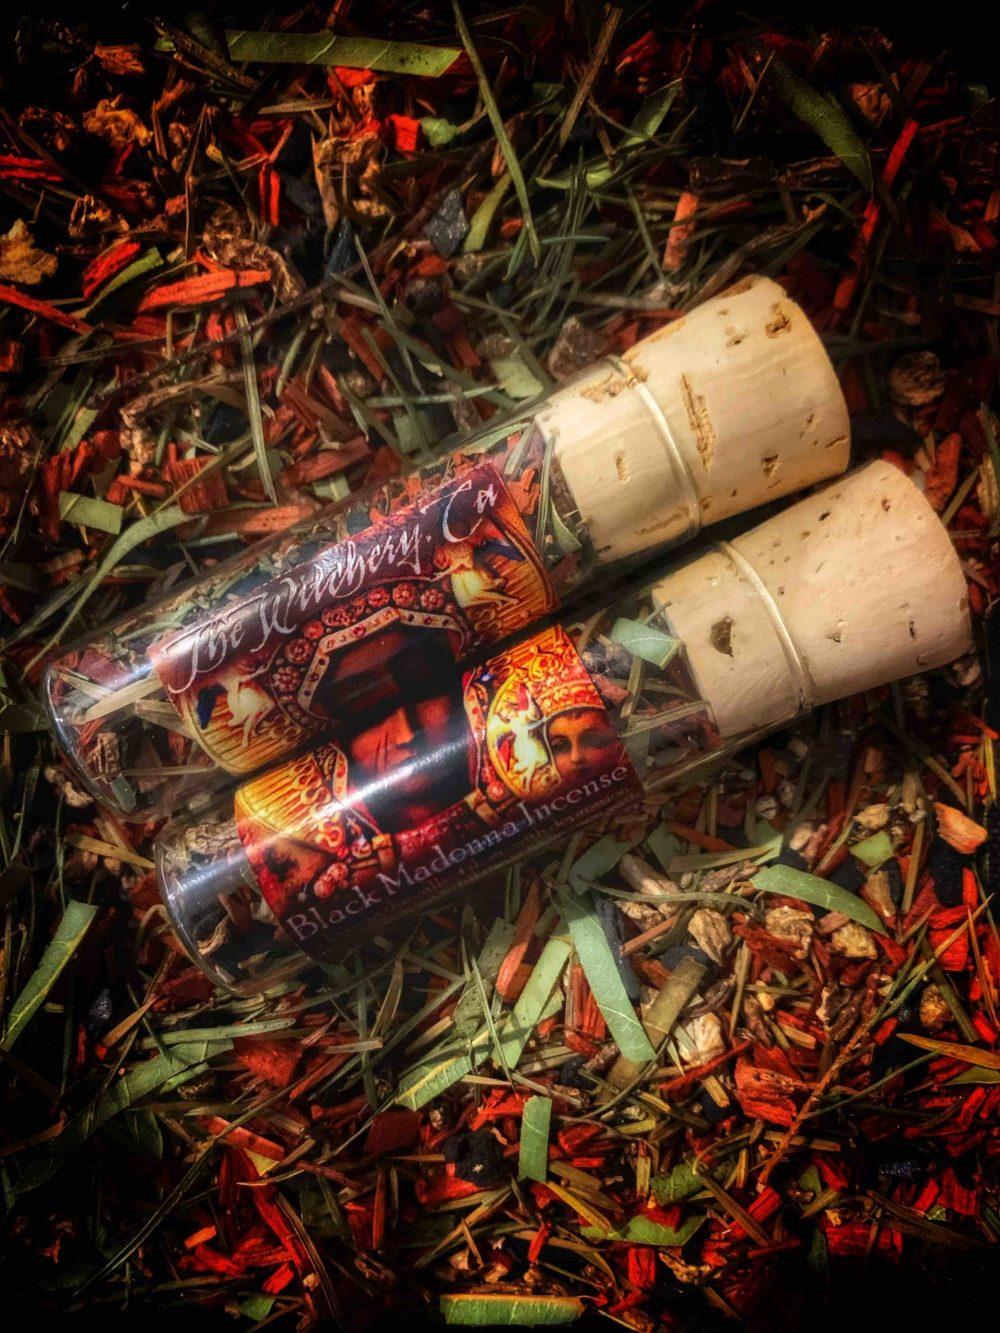 Black Madonna Incense